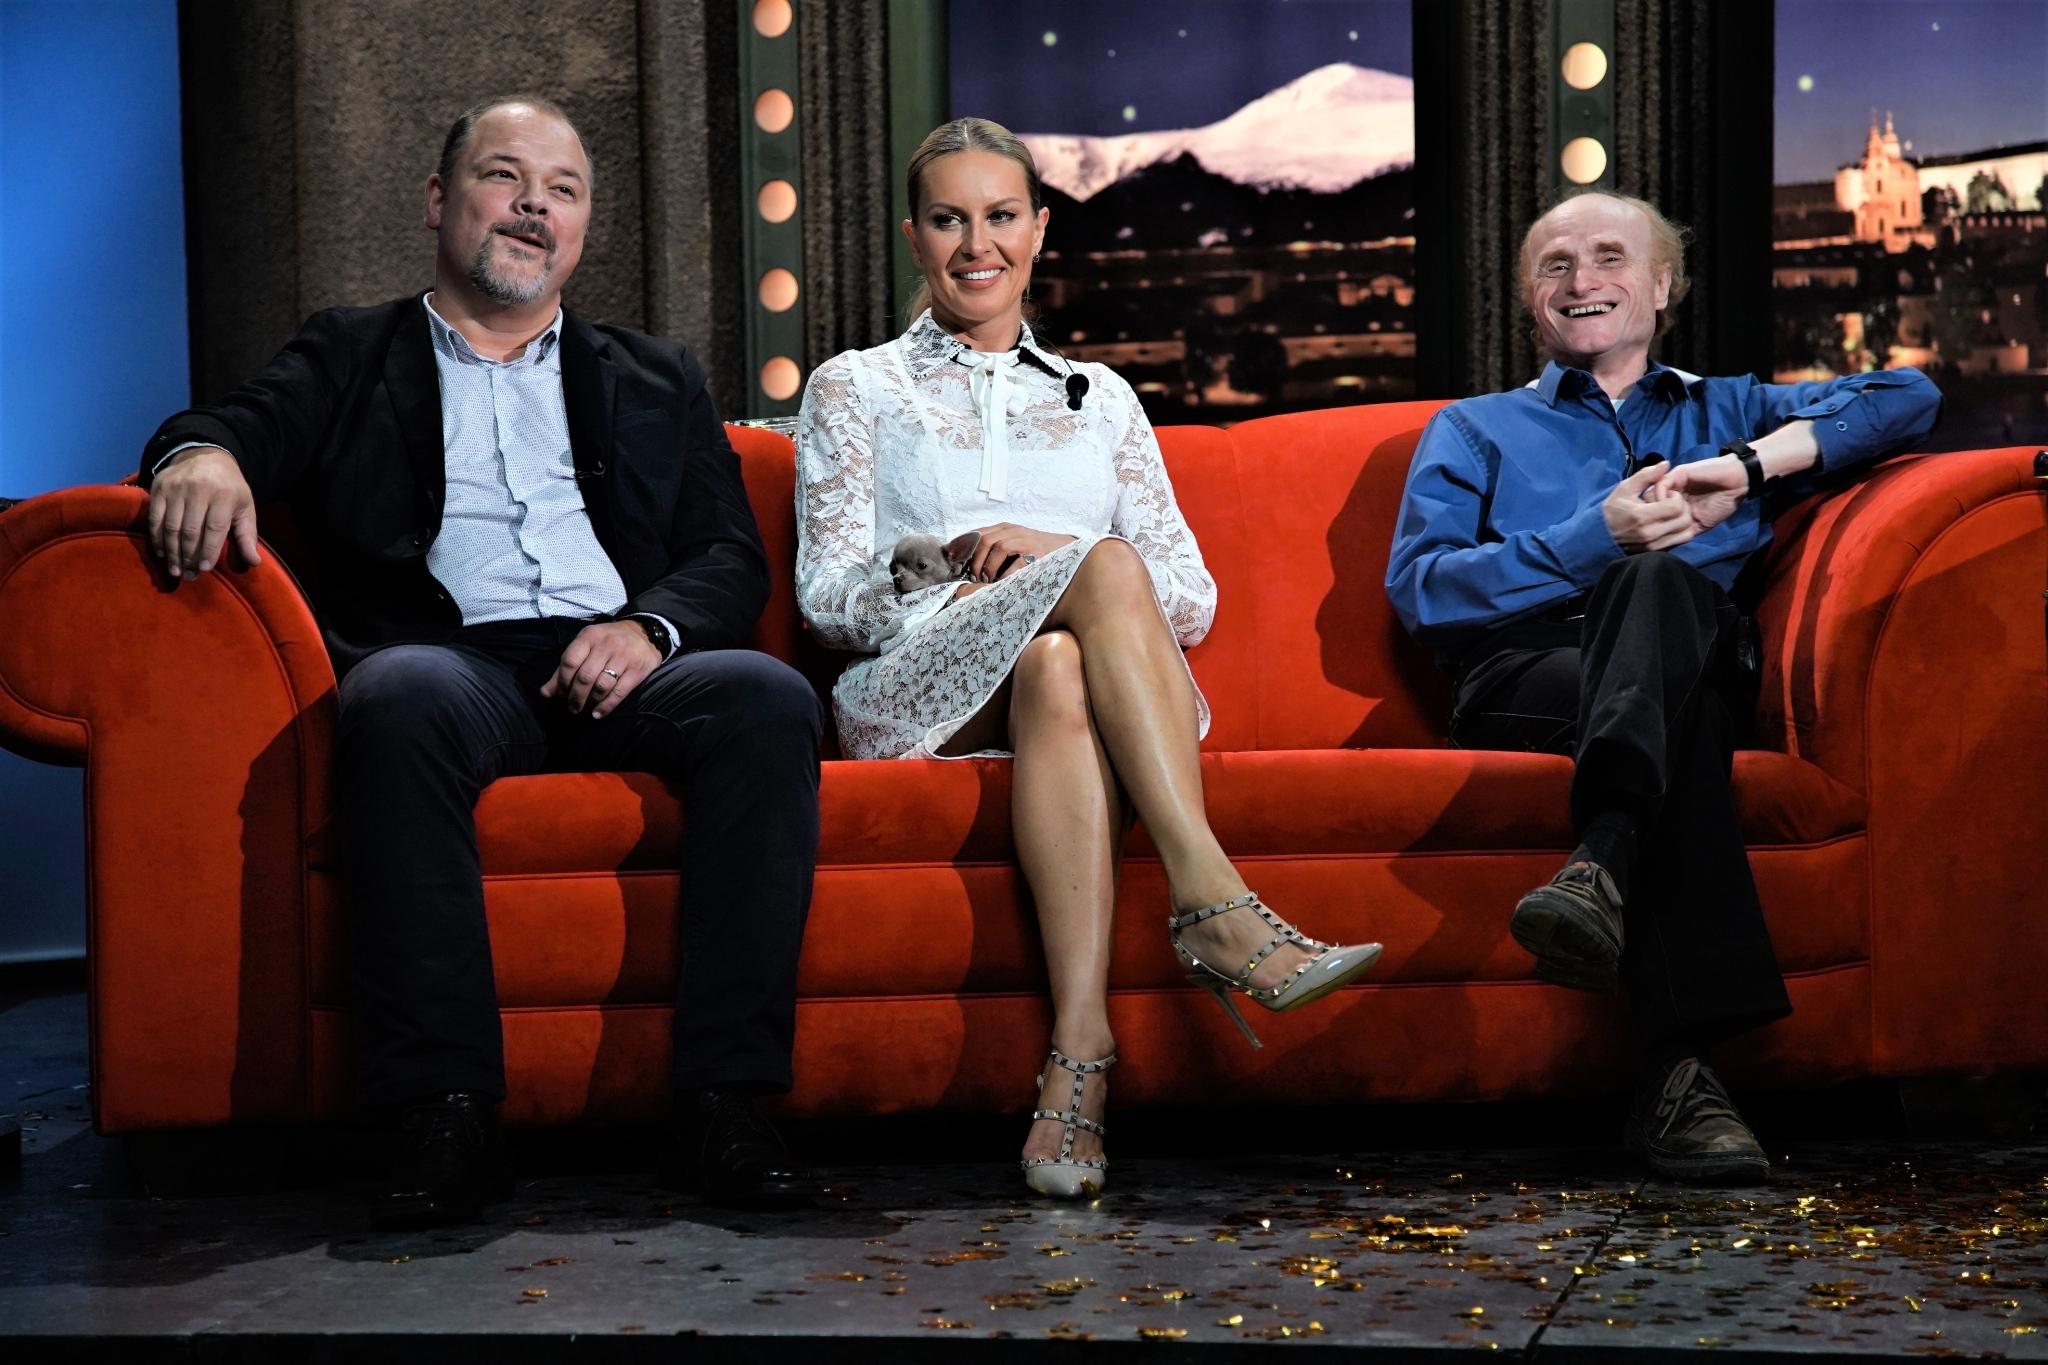 """Herec Martin Preiss, AngelA — čivava Simony Krainové, a Jaroslav Flegr, vědec, evoluční biolog, """"věštec koronaviru"""" v SJK 2. 9. 2020"""